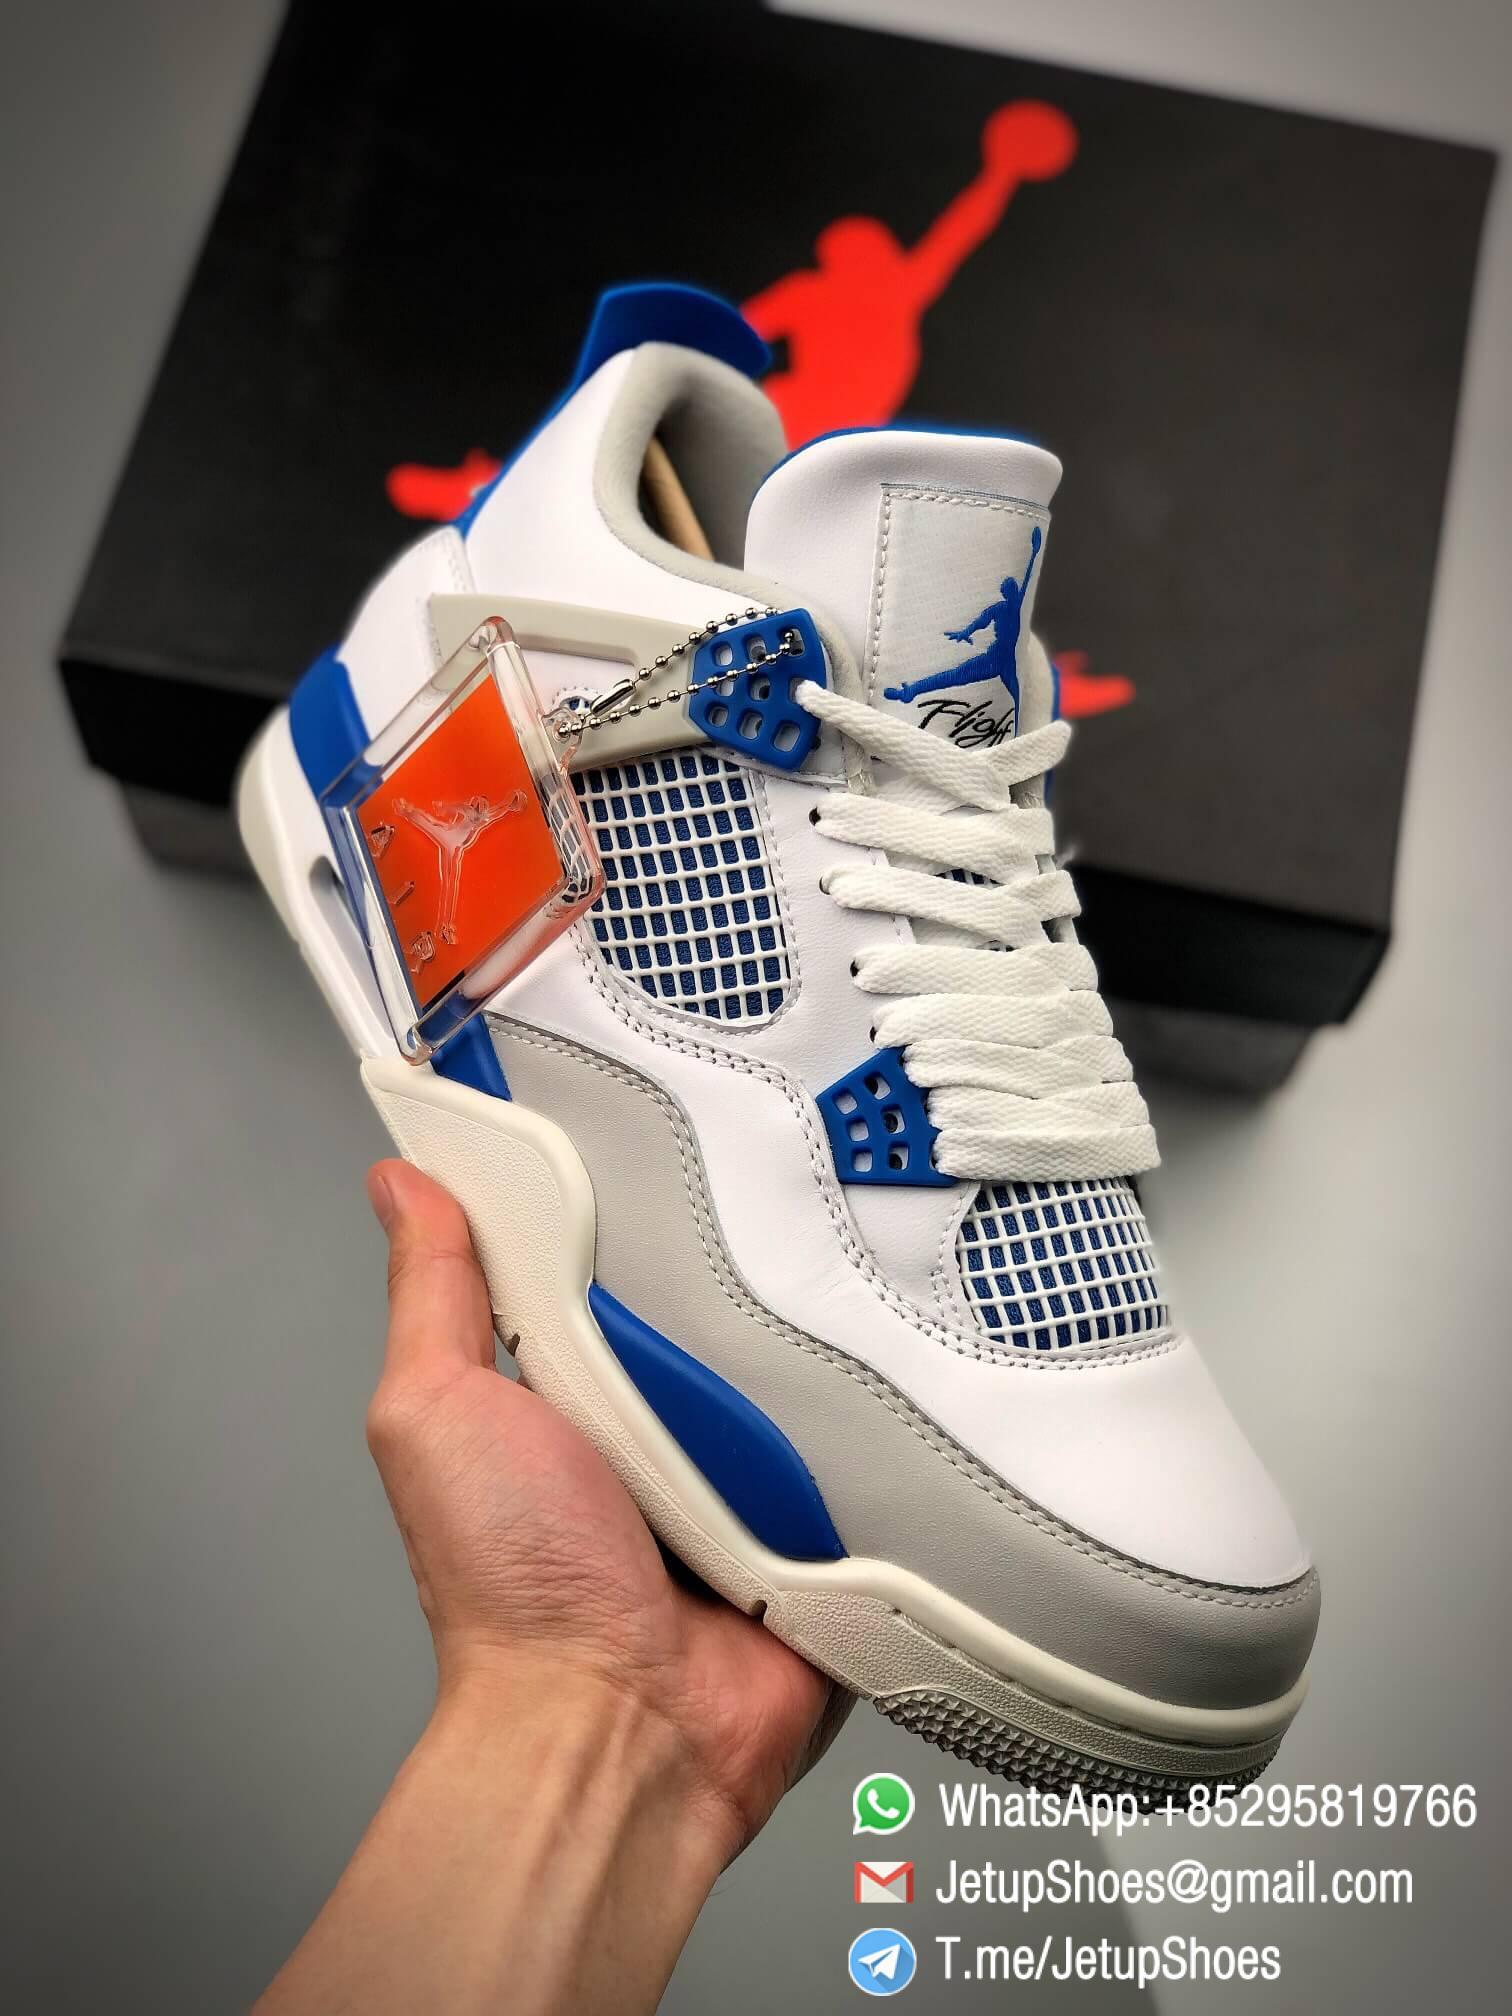 Best Replica Jordan 4 Retro Military Blue 2012 Sneakers 308497 105 01